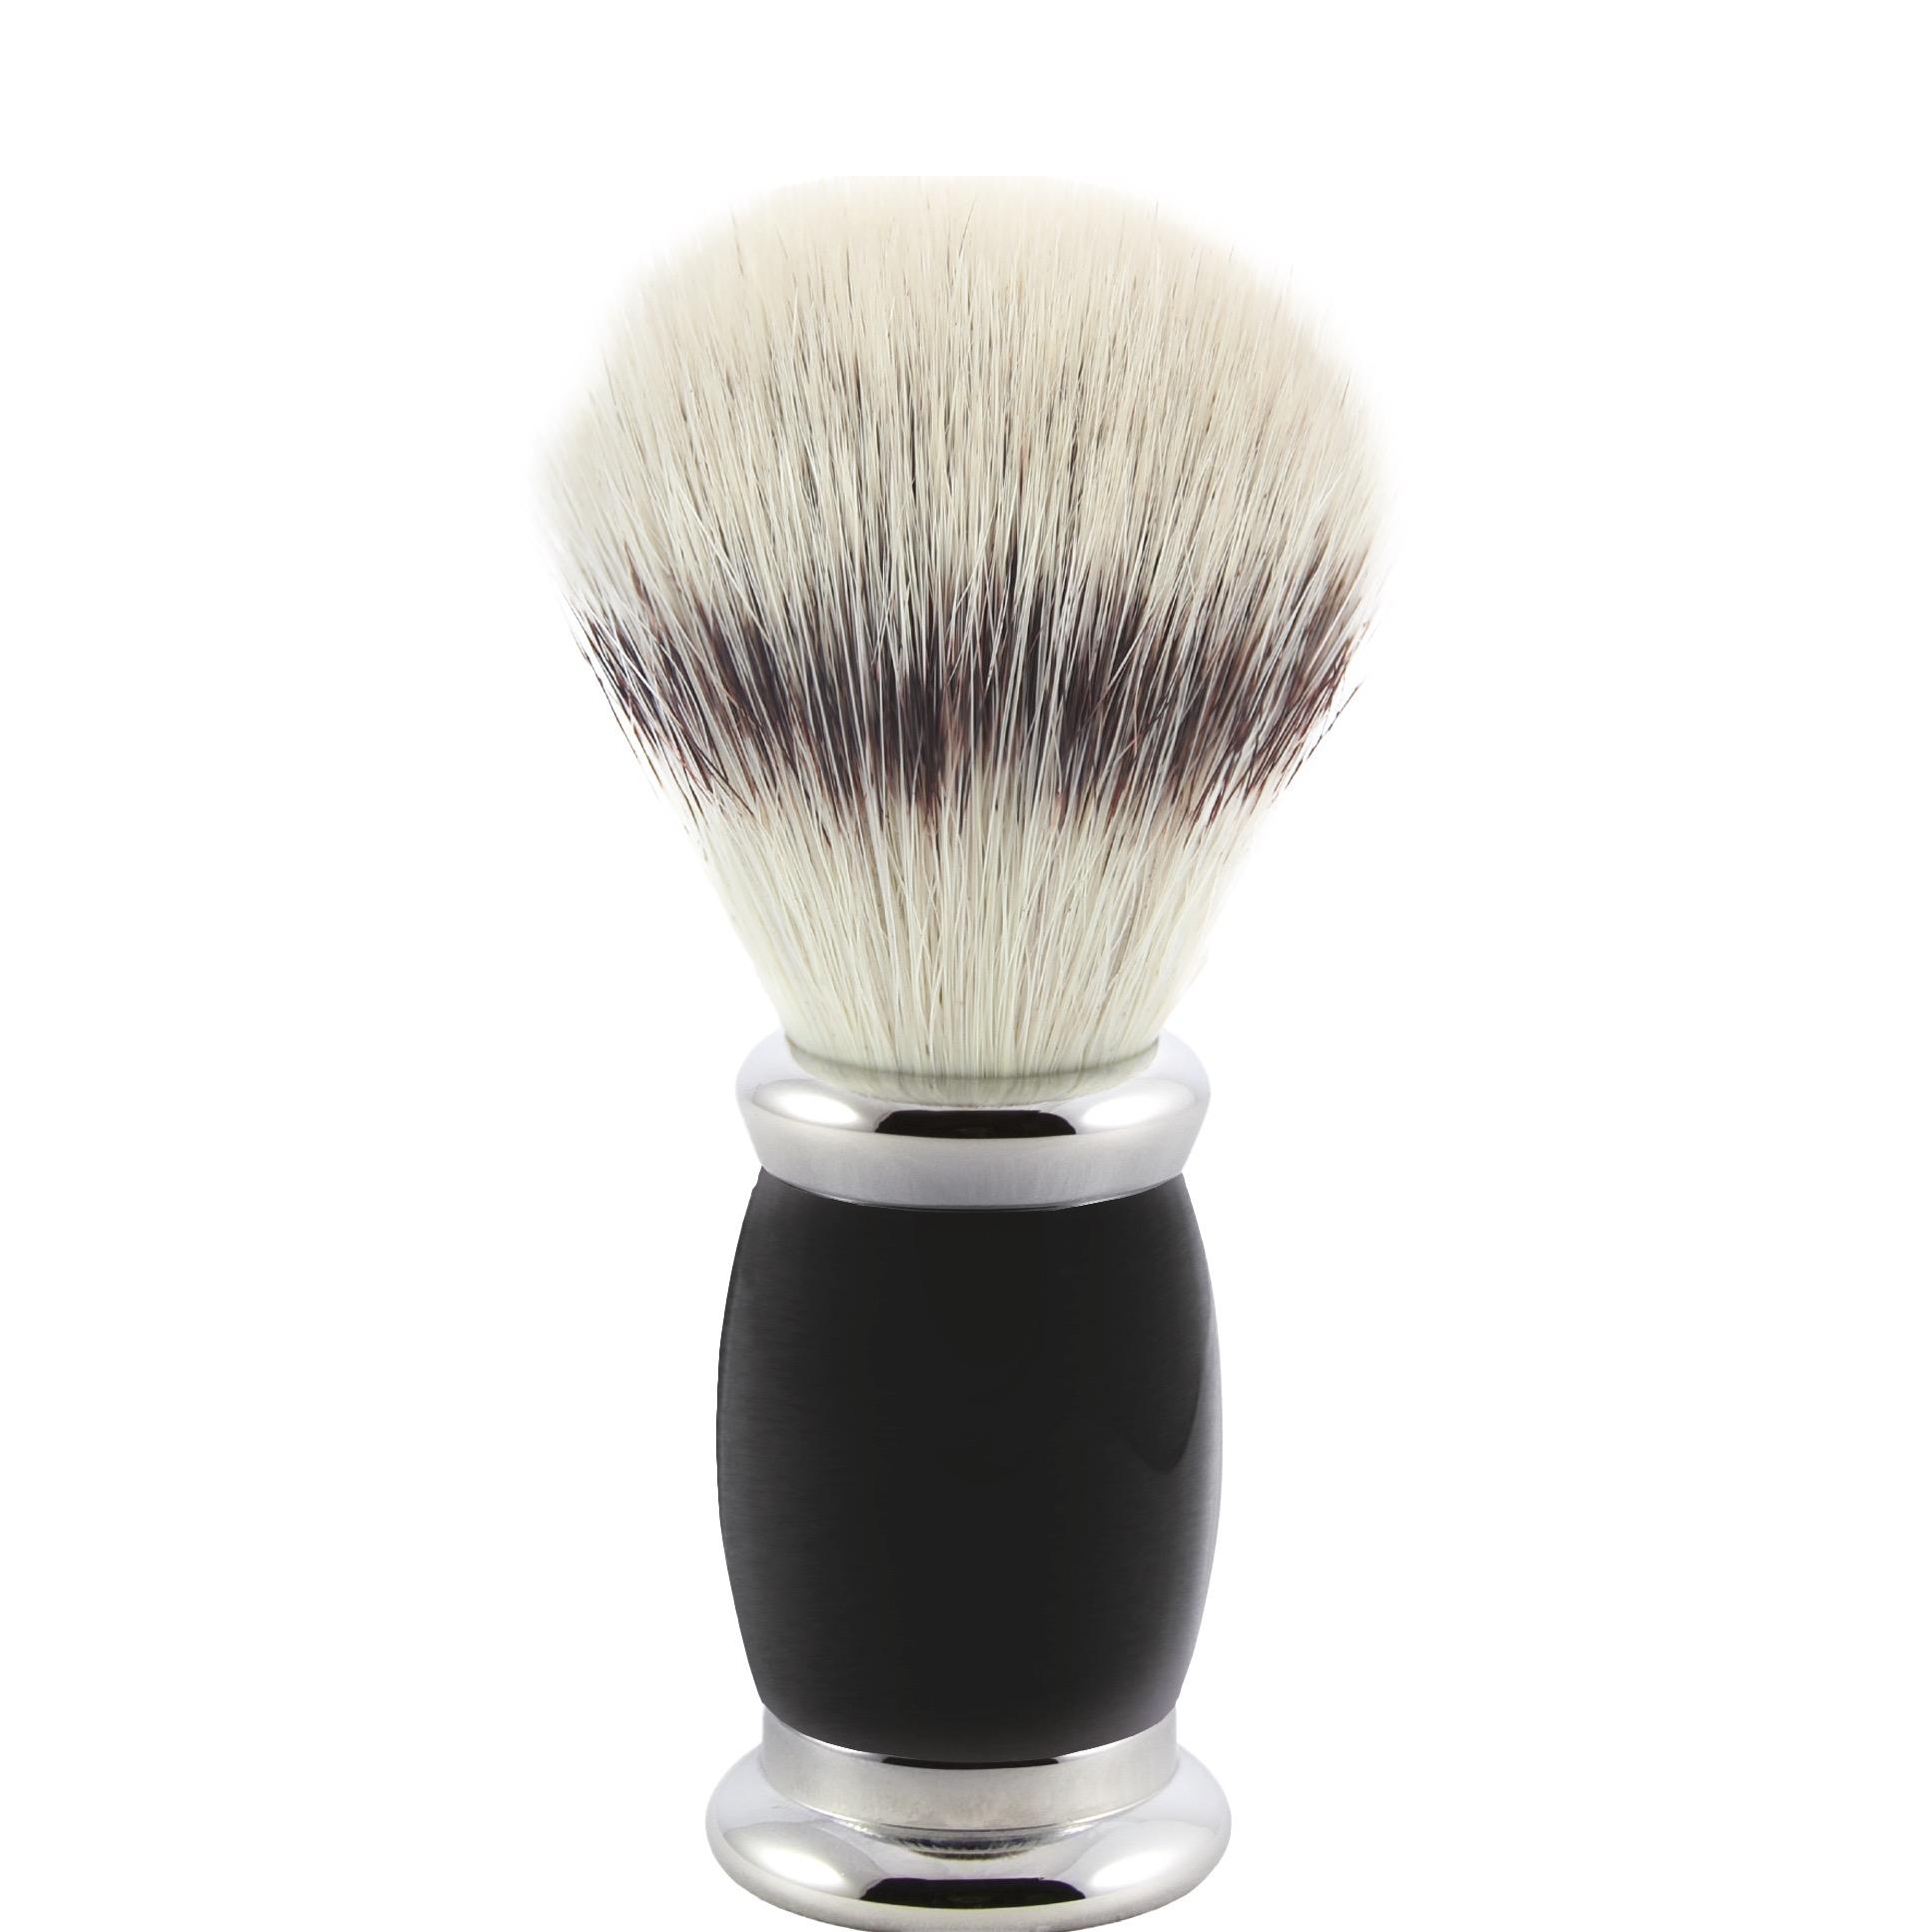 Scheerkwast Bulbous - Silvertip Fibre - zwart